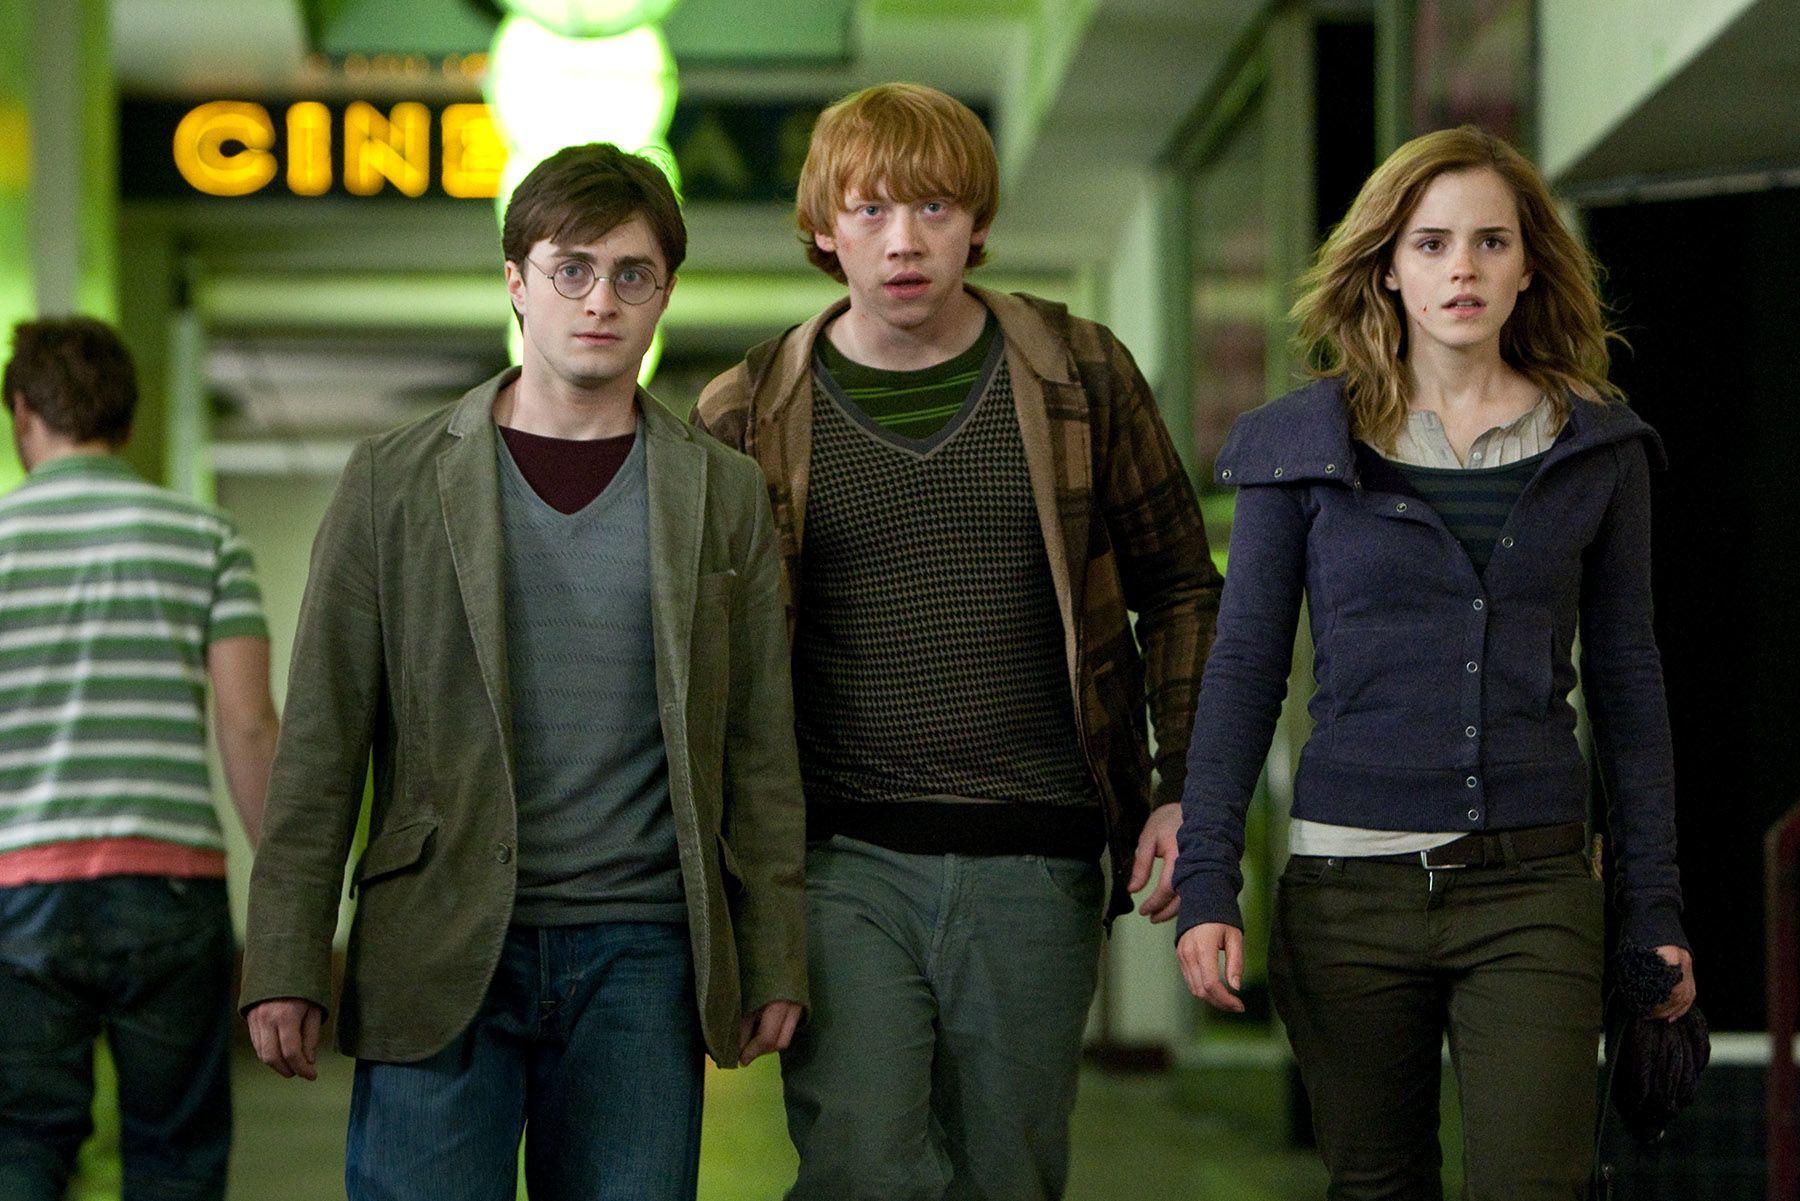 Harry Potter et les Reliques de la Mort : première vidéo ! (VOST)